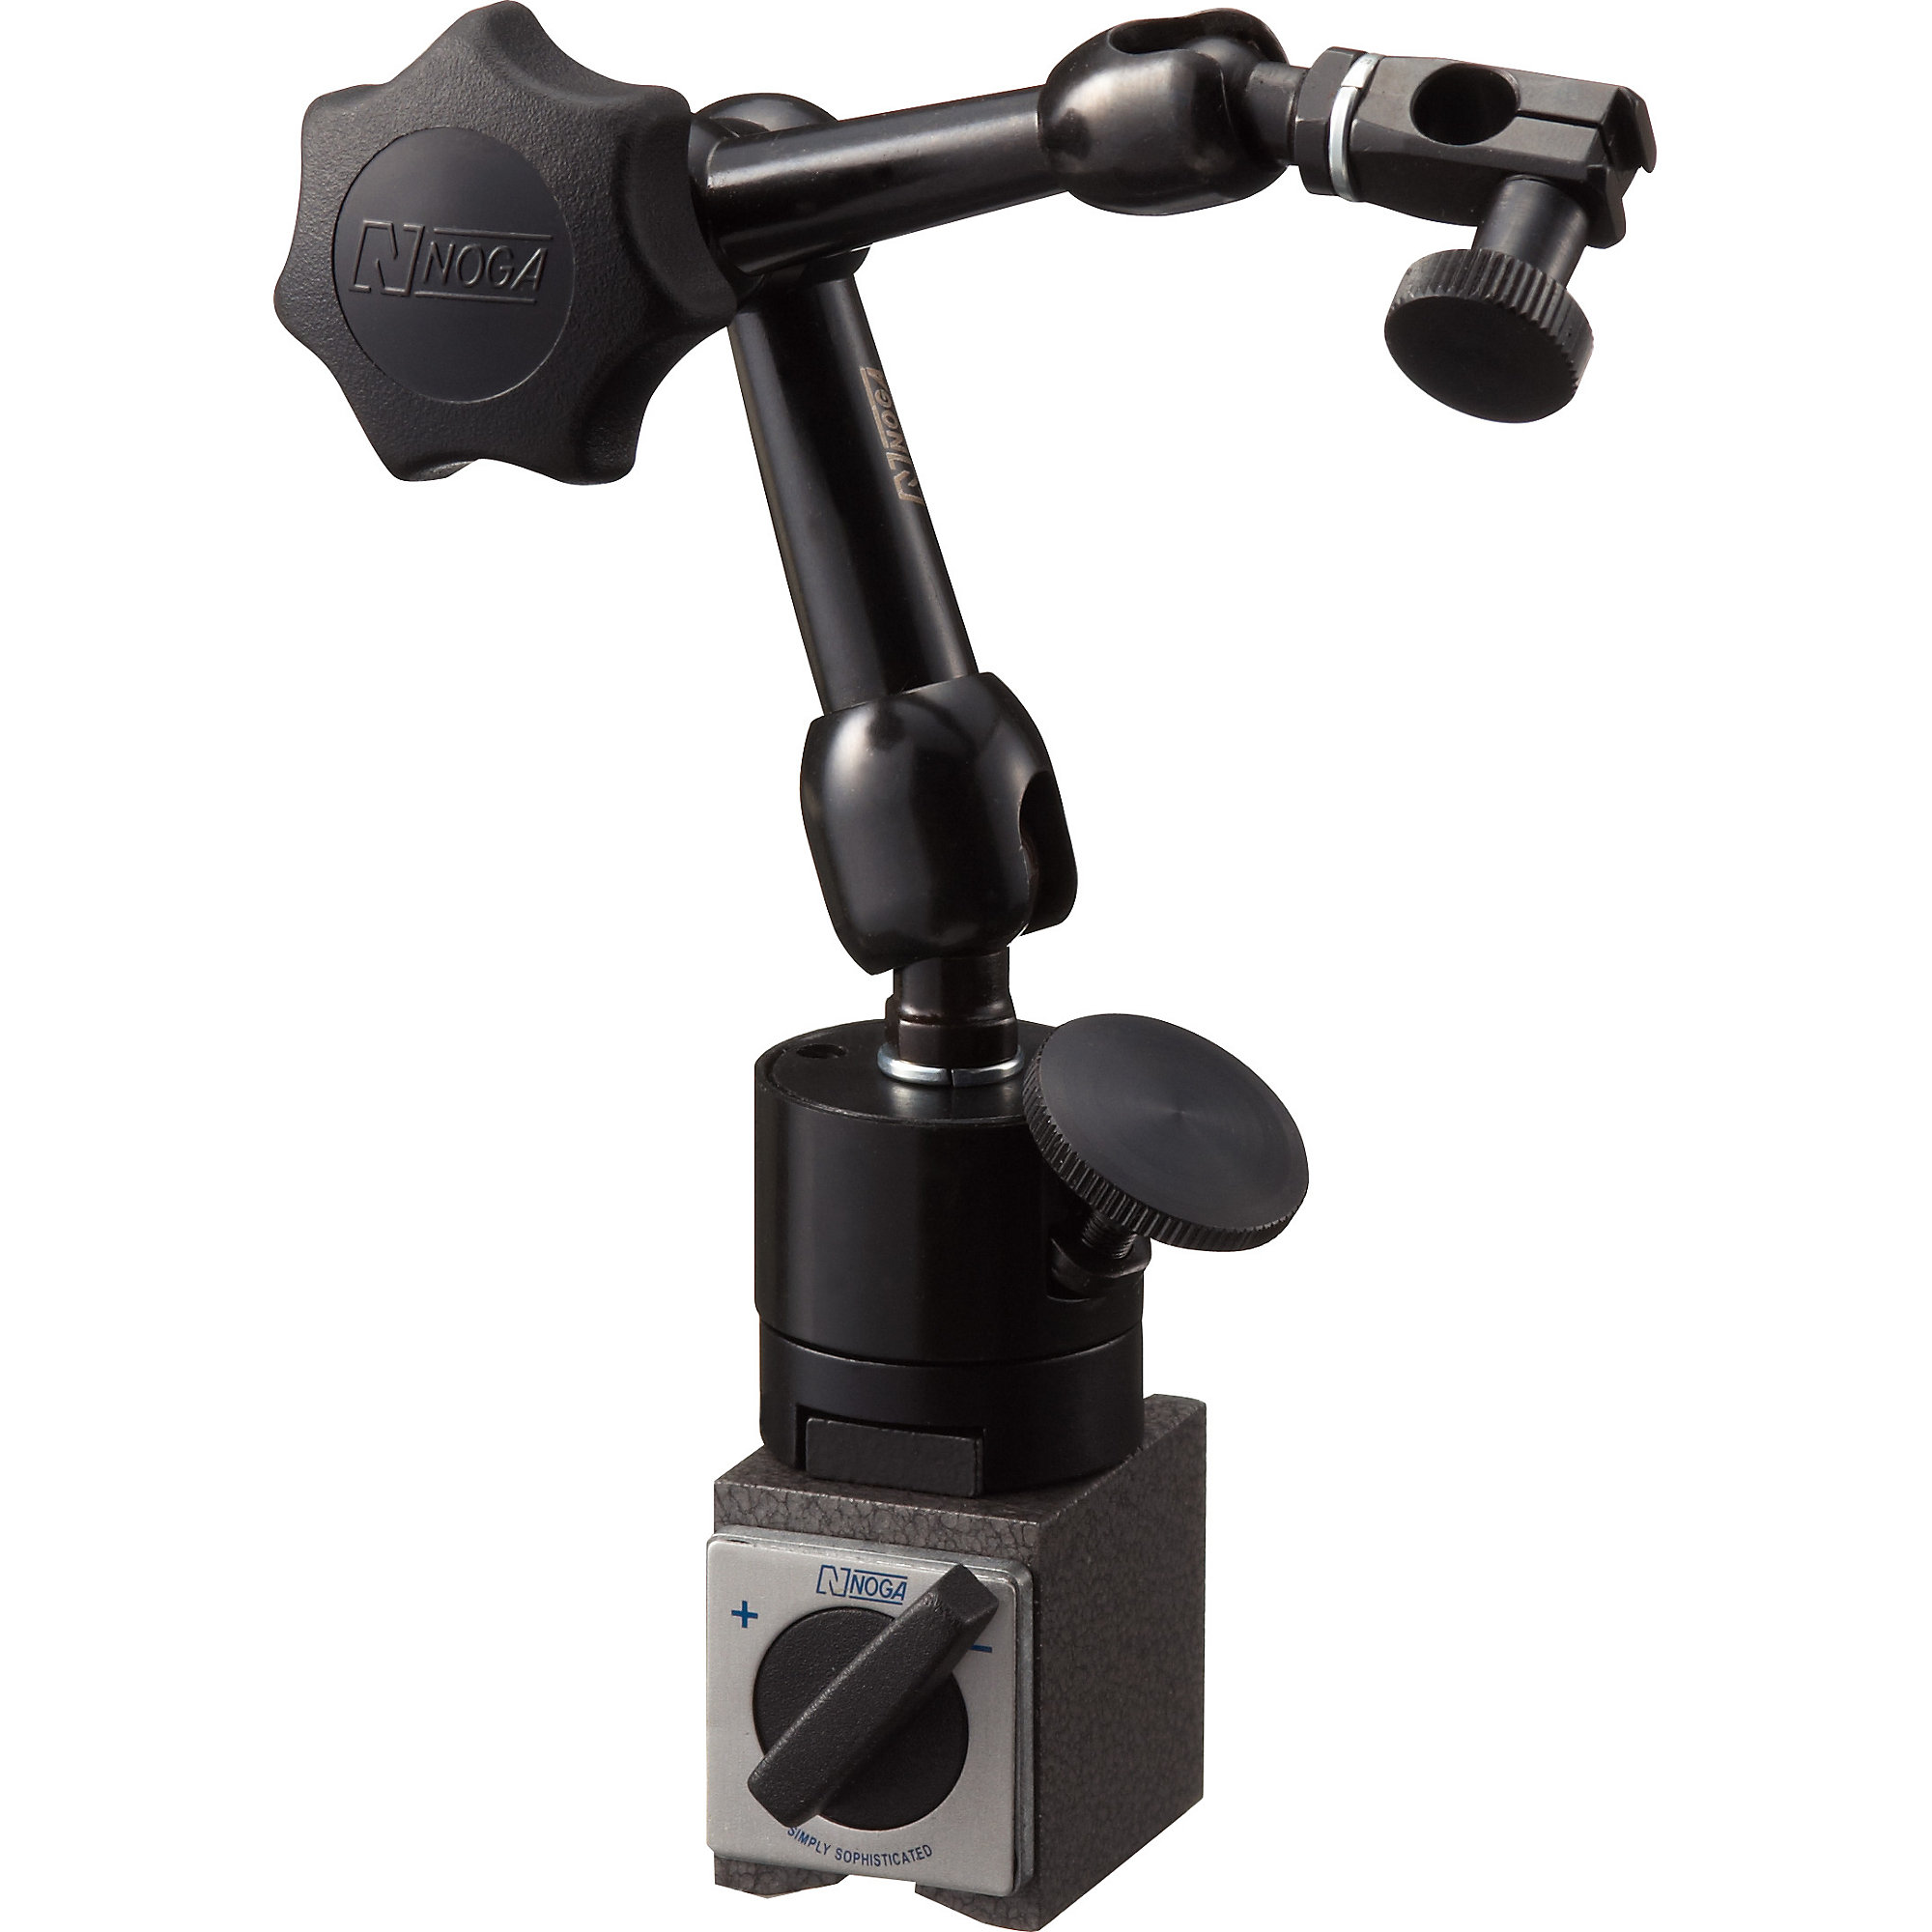 Dial Gauge Magnet Holder For Mounting Test Indicator Arm Type Noga Power Guard Hand Fine Adjustment System